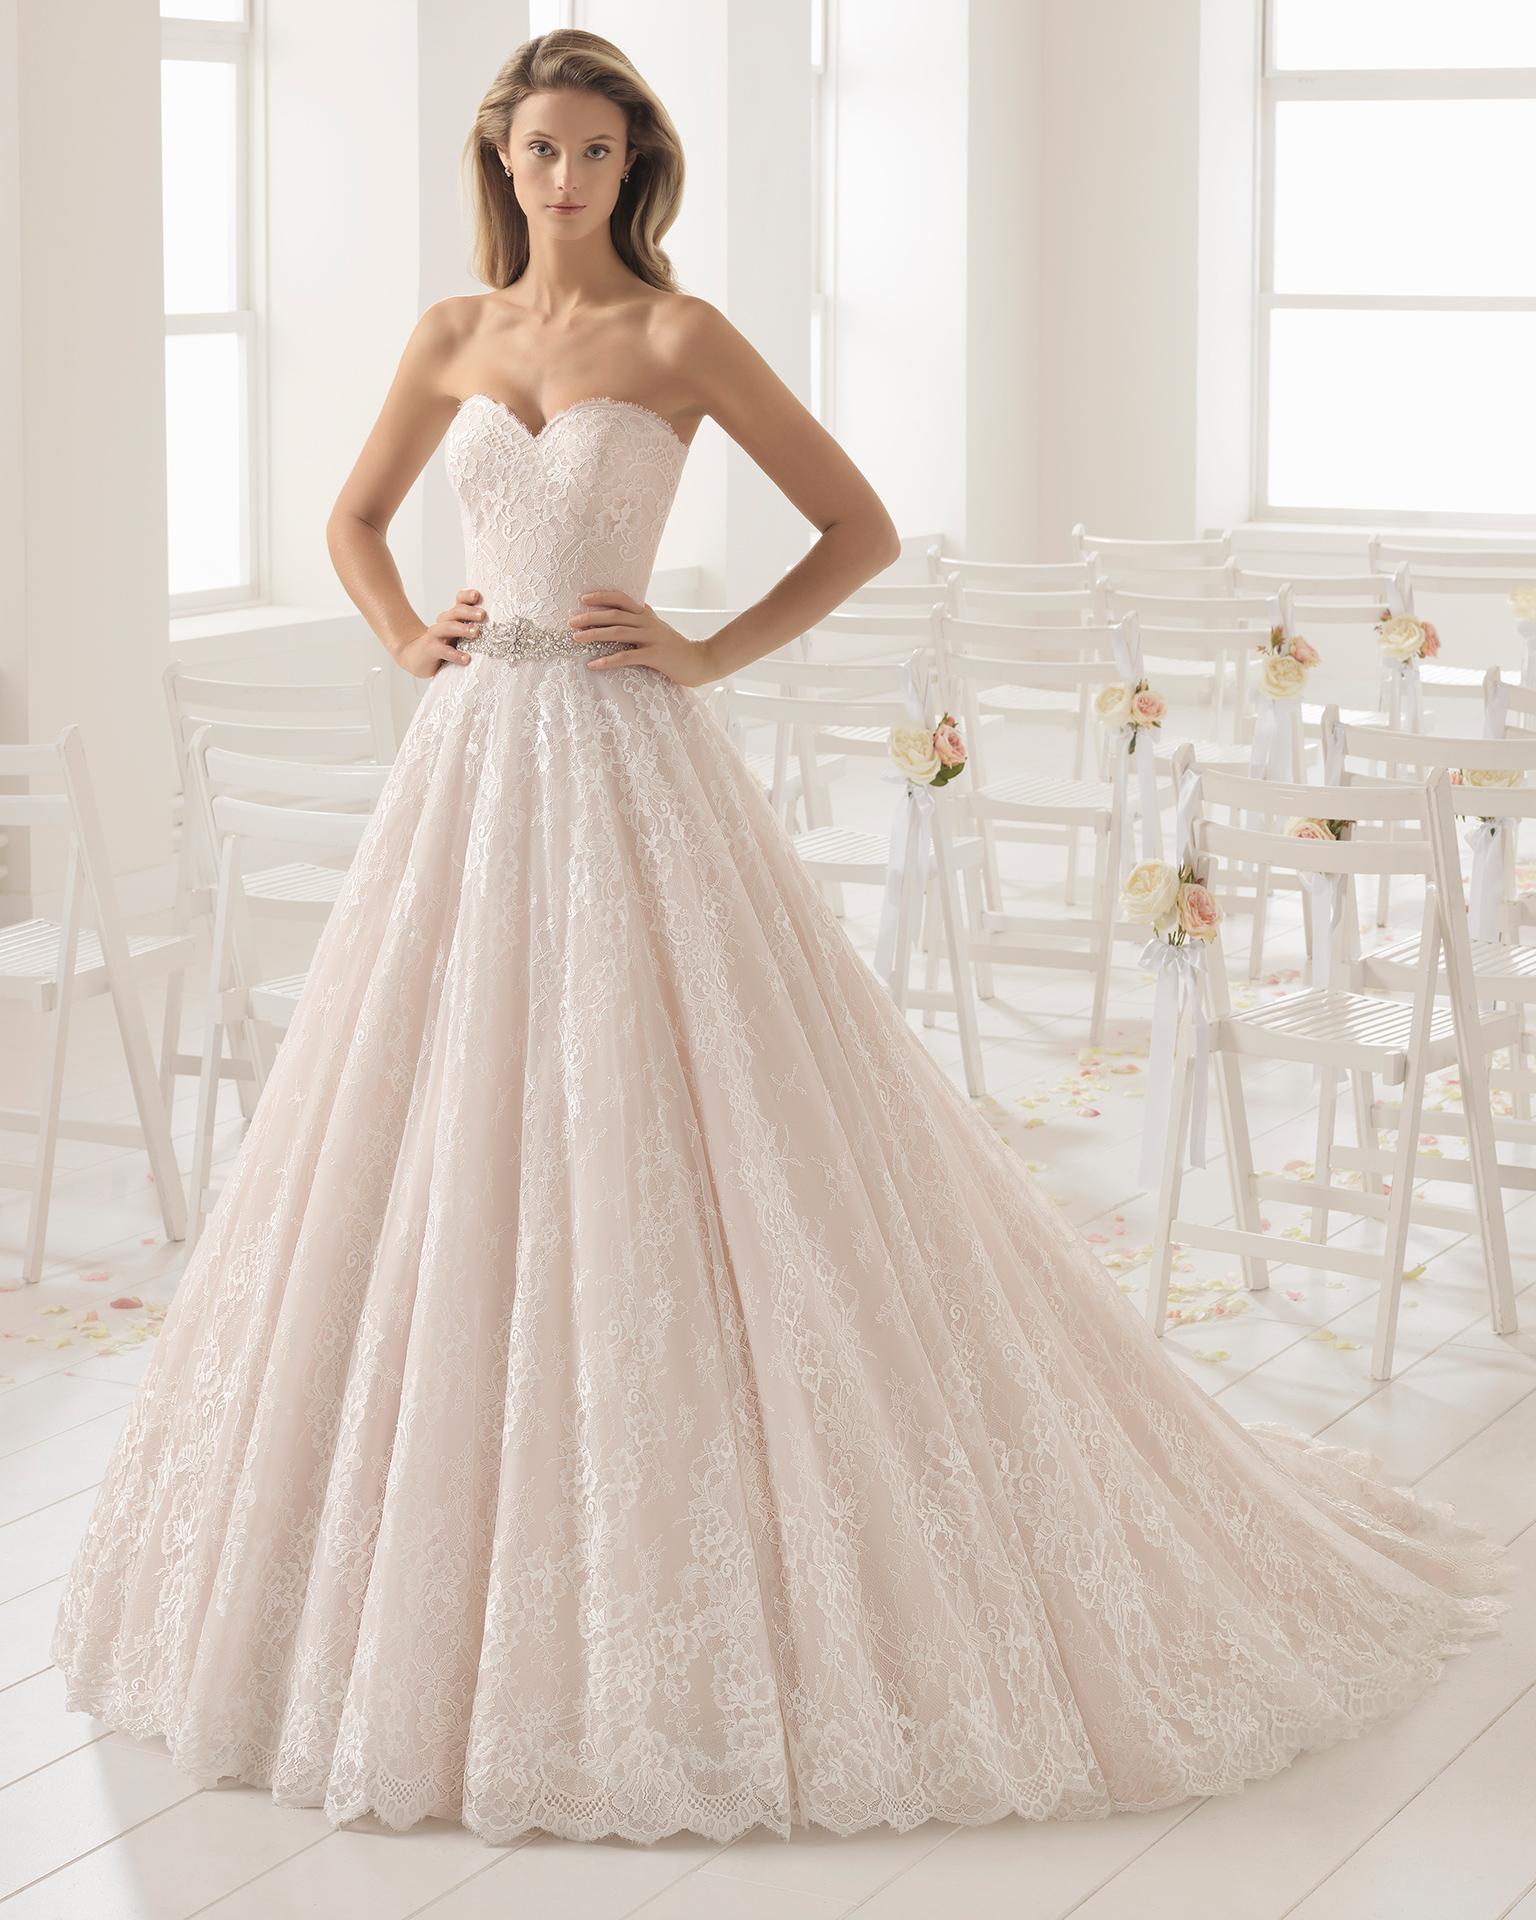 فستان زفاف ذو تصميم رومنسي من الدانتيل، مع تقويرة رومنسية، باللون الوردي، وباللون الطبيعي مع زخرفة خرزية.